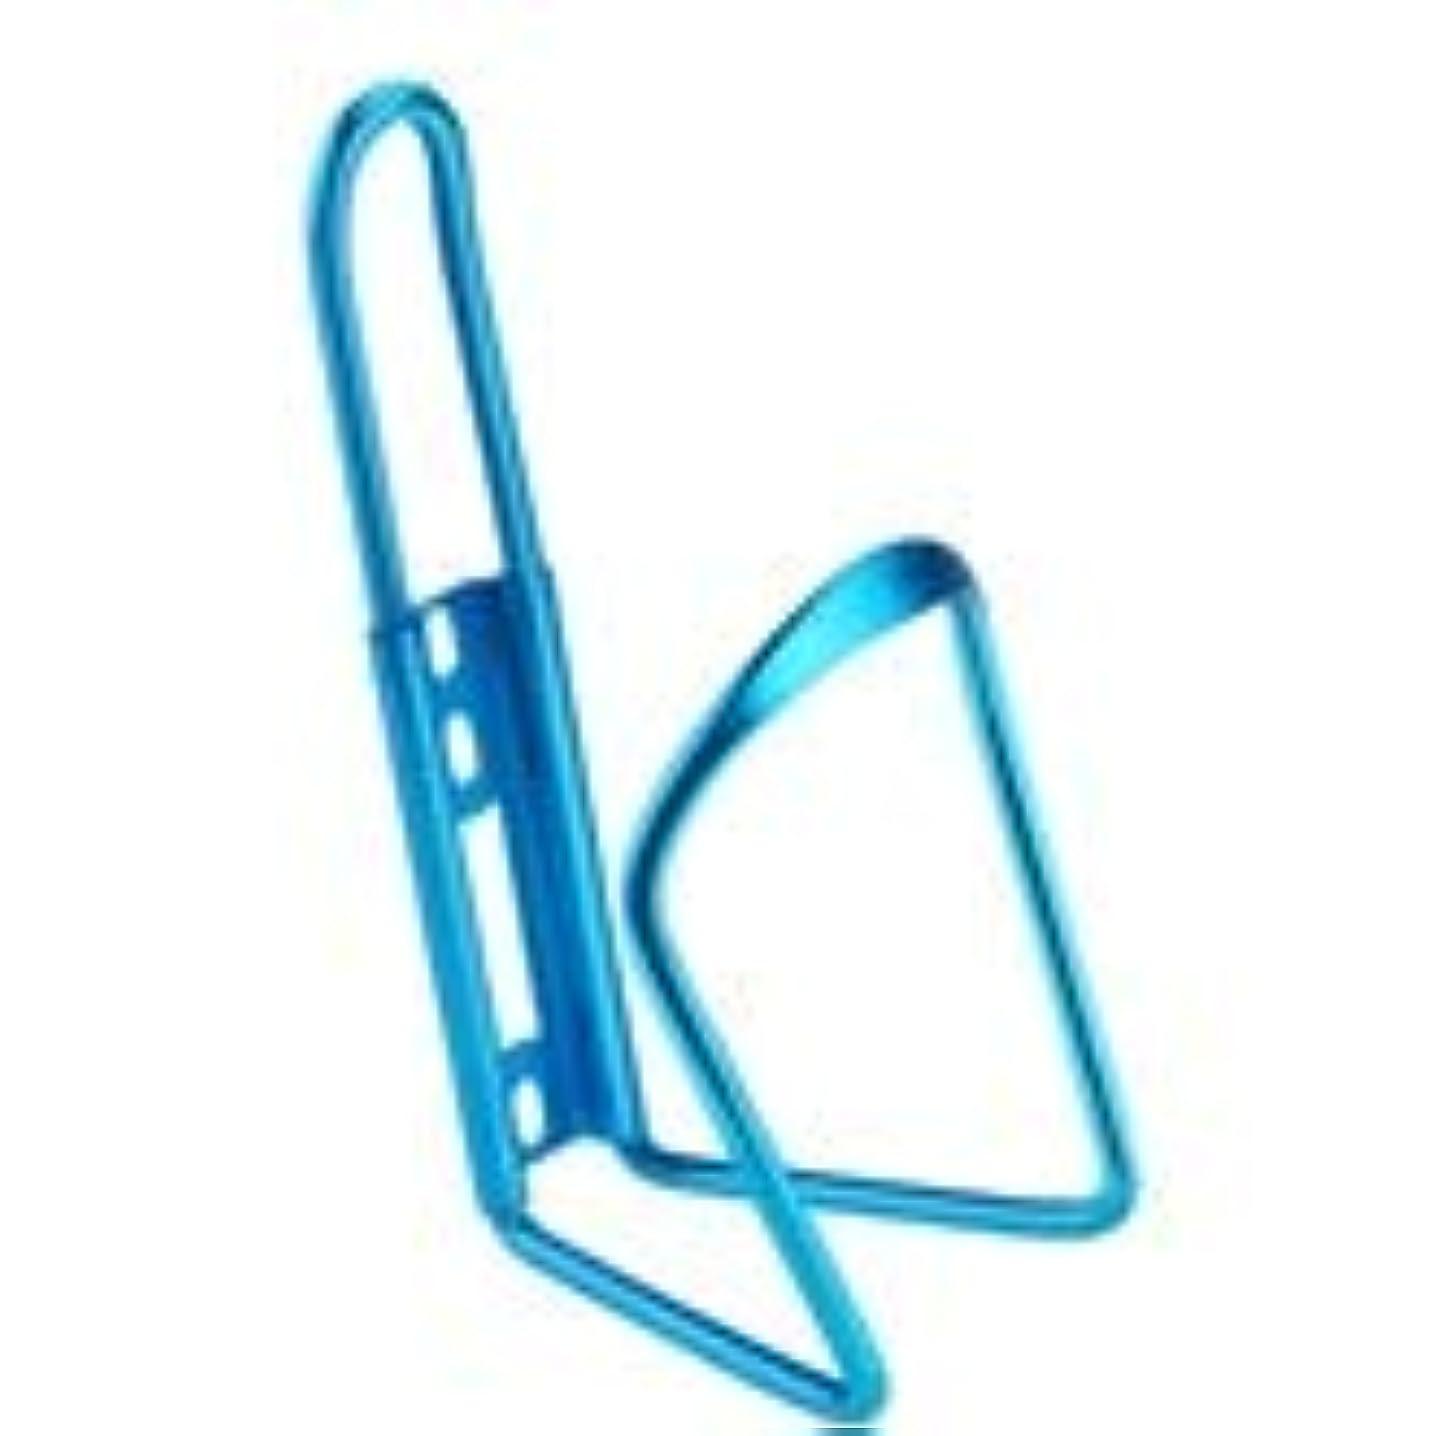 承認する浸透するわかるマウンテンバイクボトルケージ自転車アルミ合金ワンピースウォーターカップホルダーロードバイク軽量カップホルダーライディング (色 : 青)